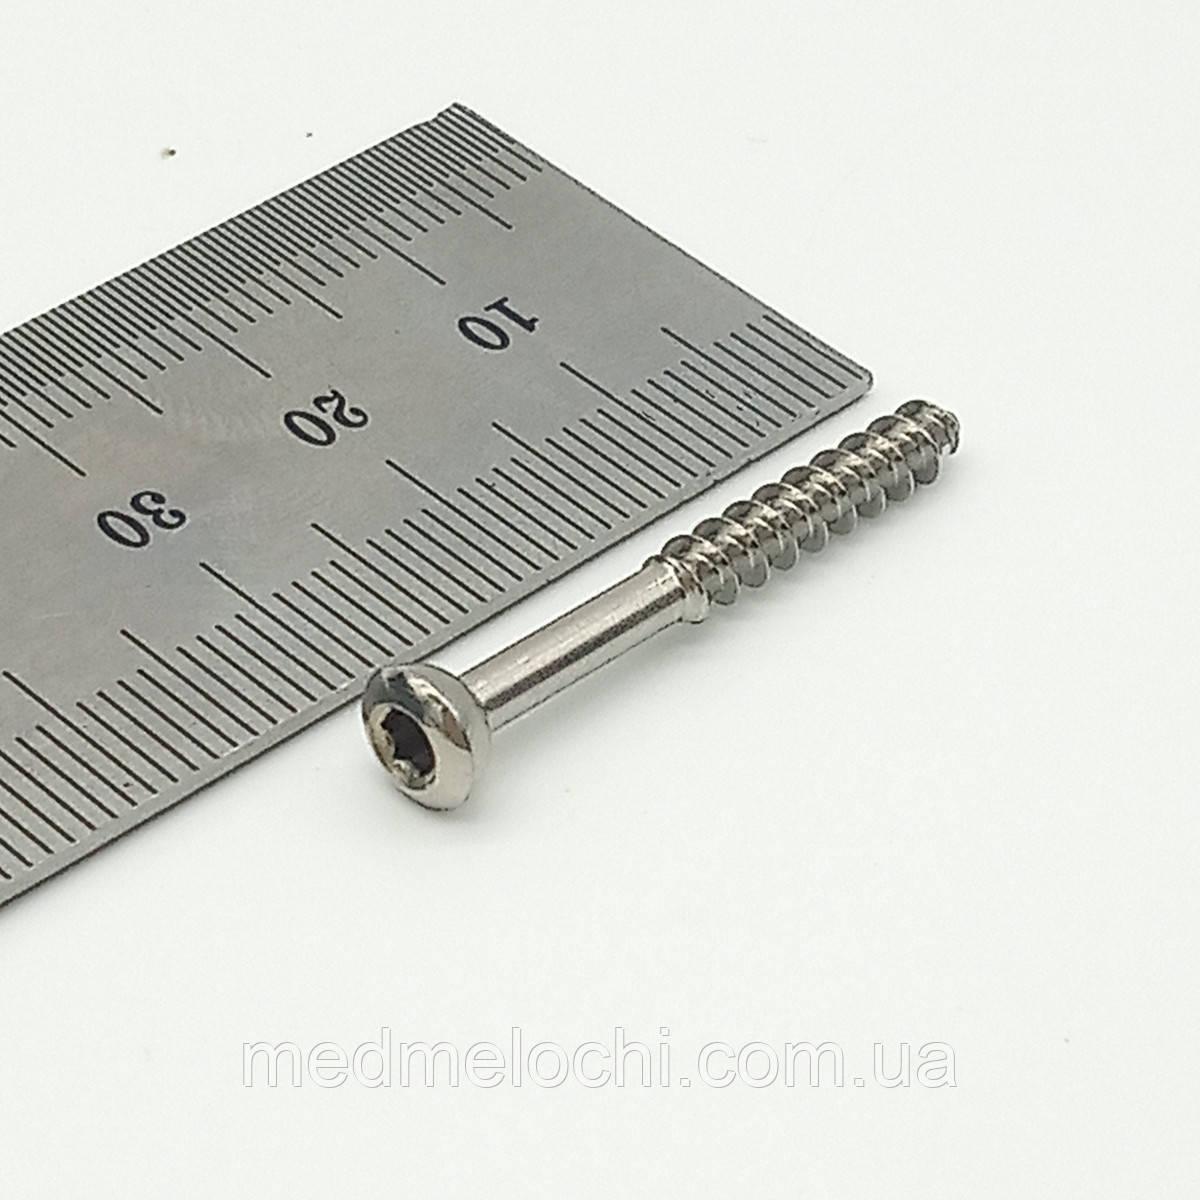 Гвинт малеолярний малий D=3,5мм, 32мм